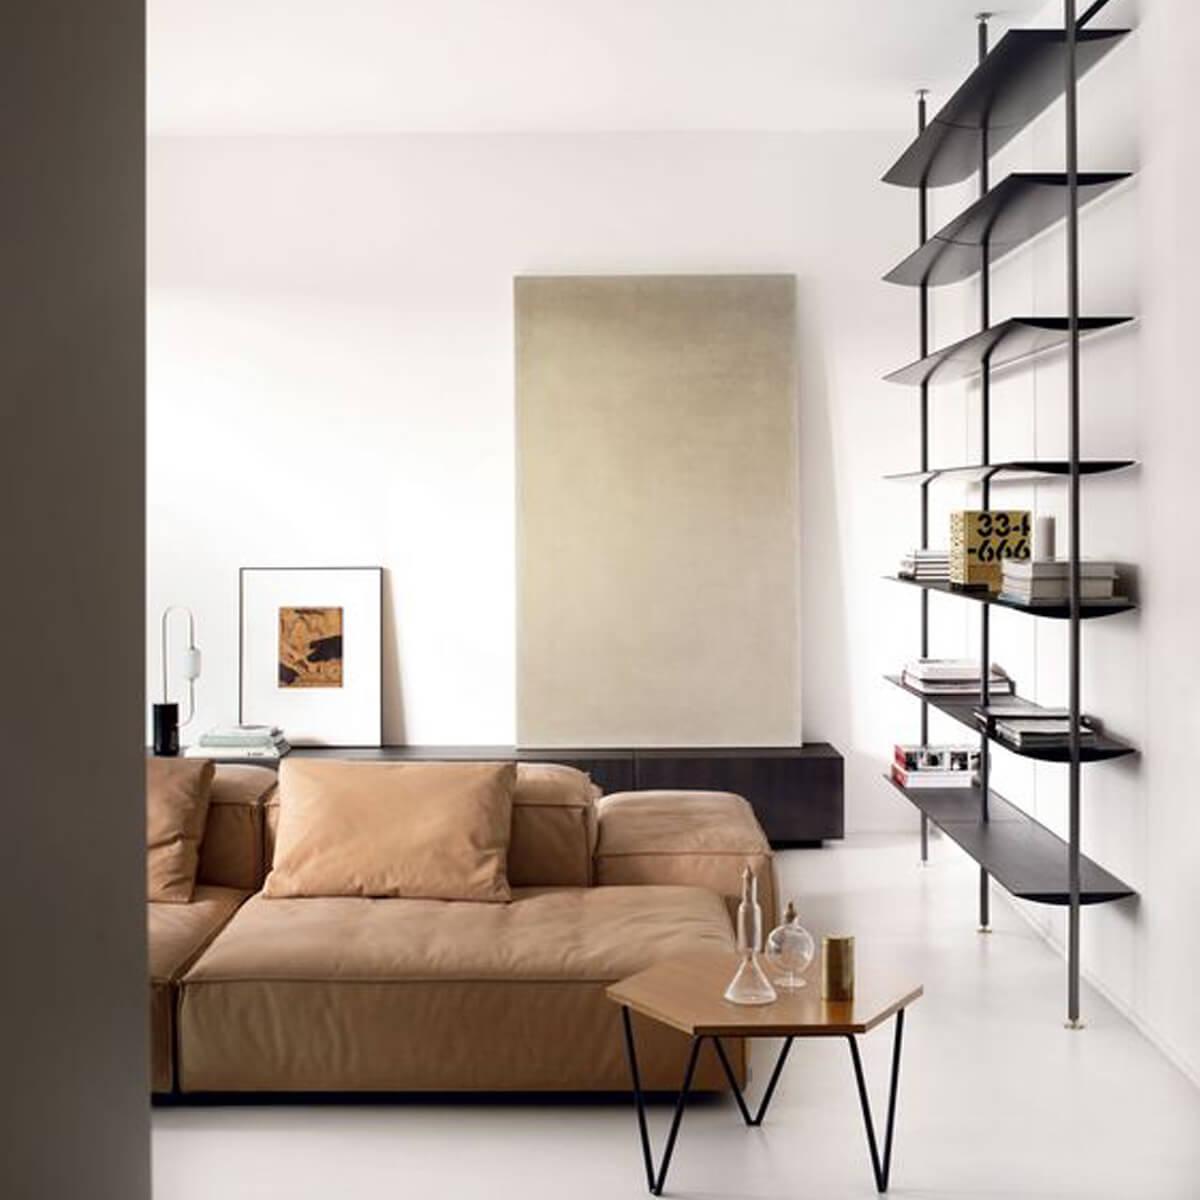 arredamento living con divano marrone